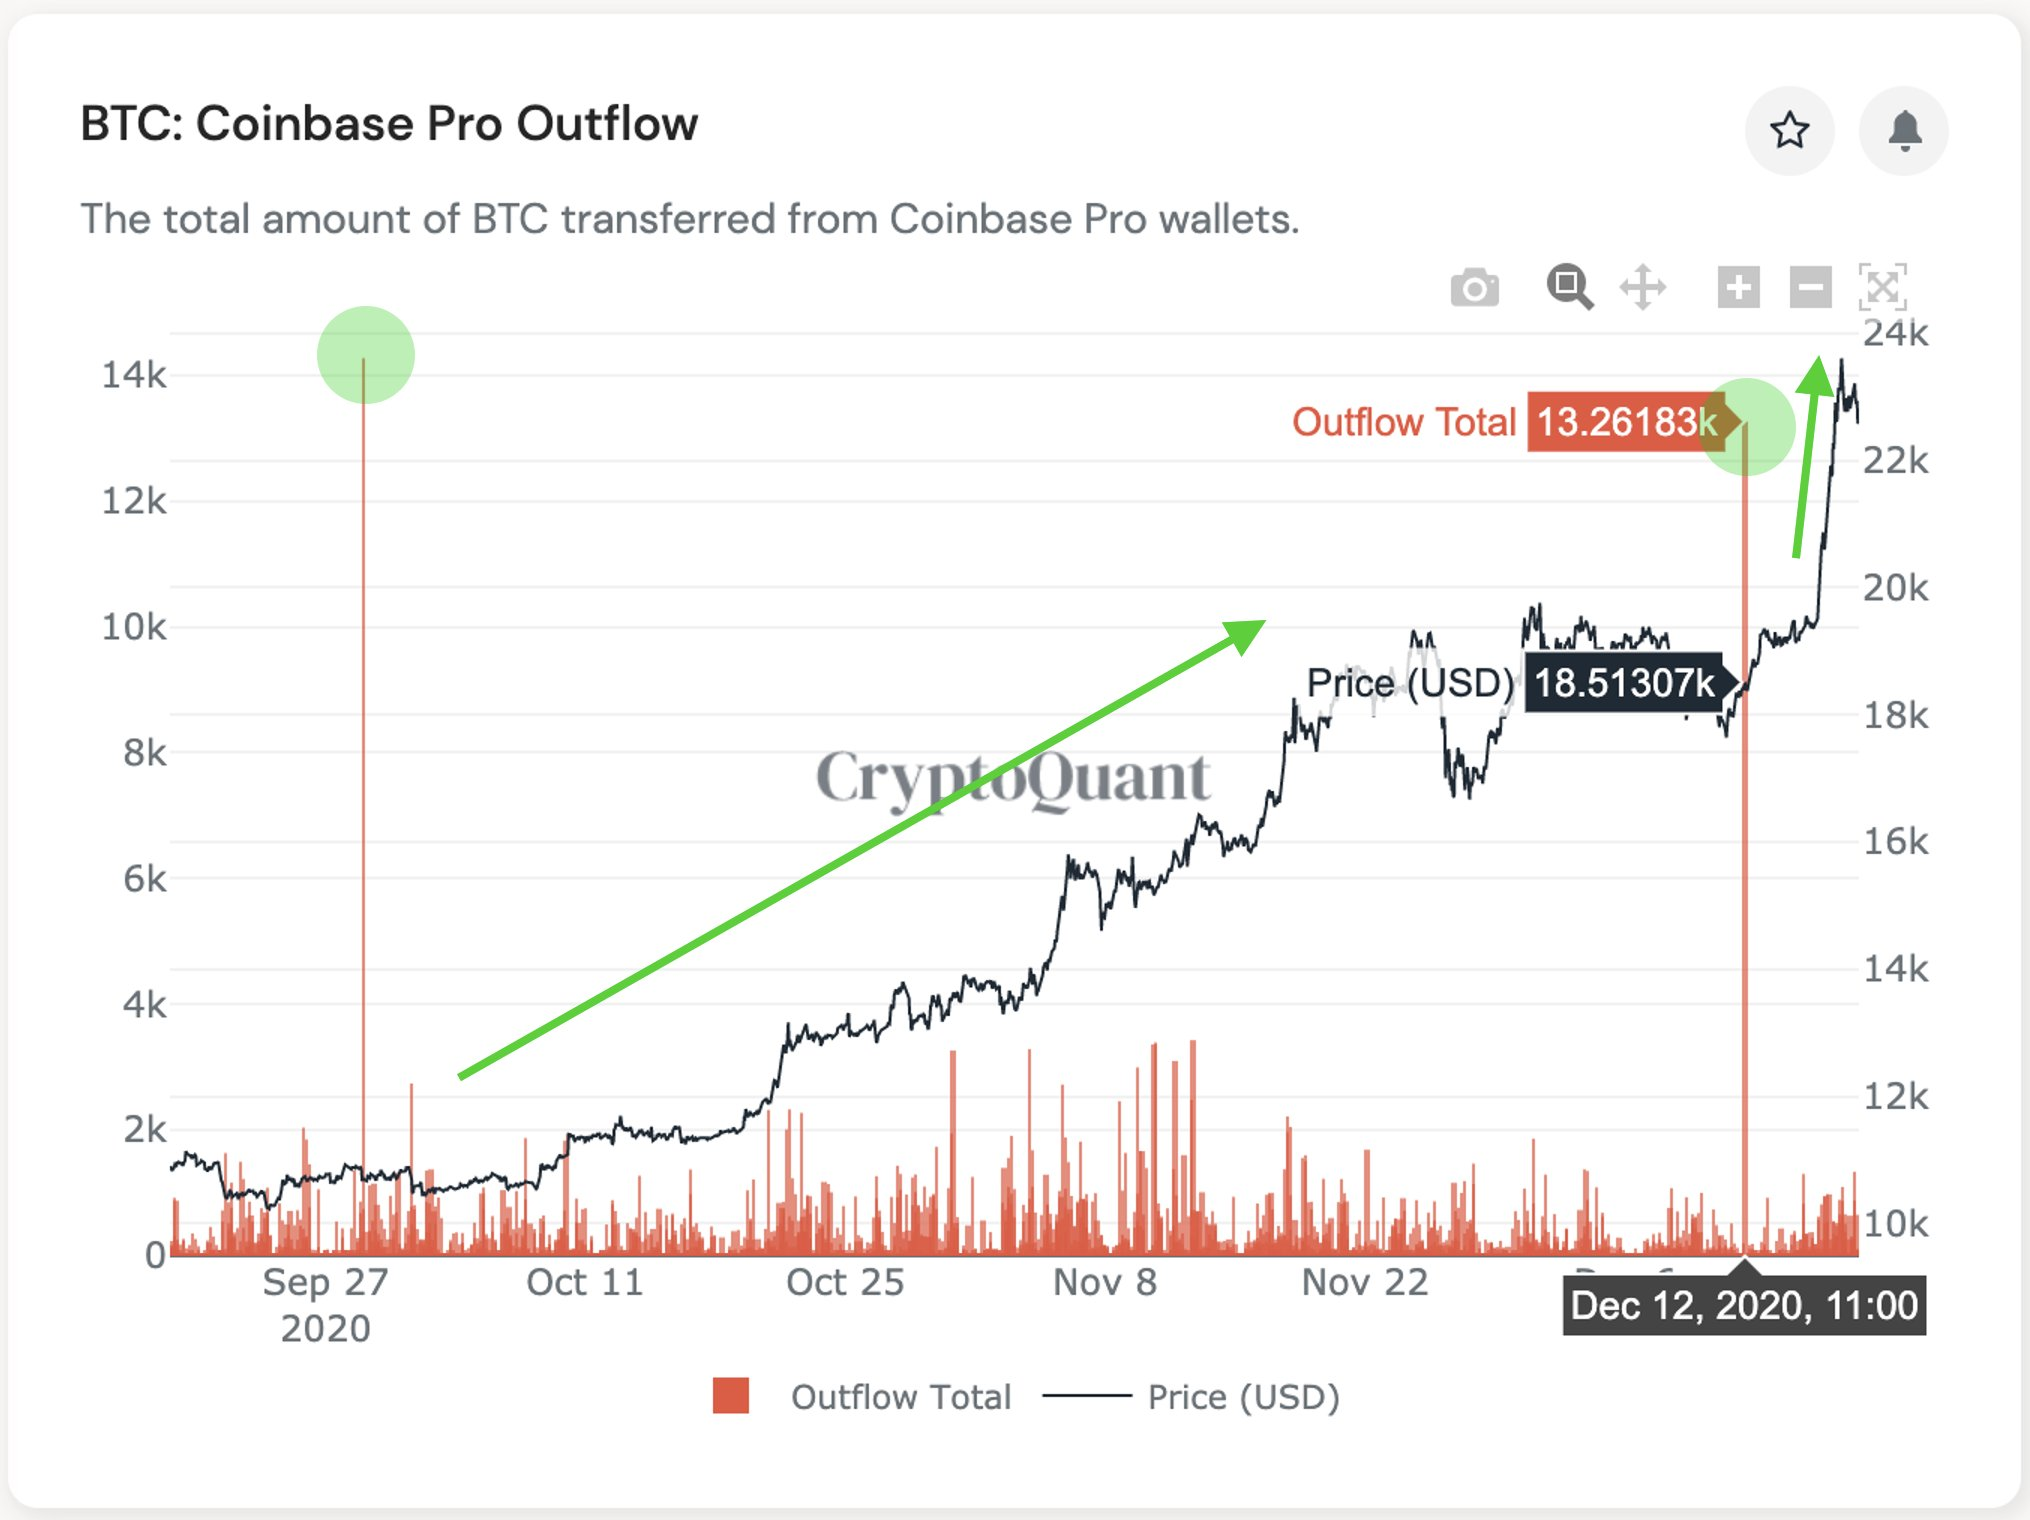 btc coinbase pro)